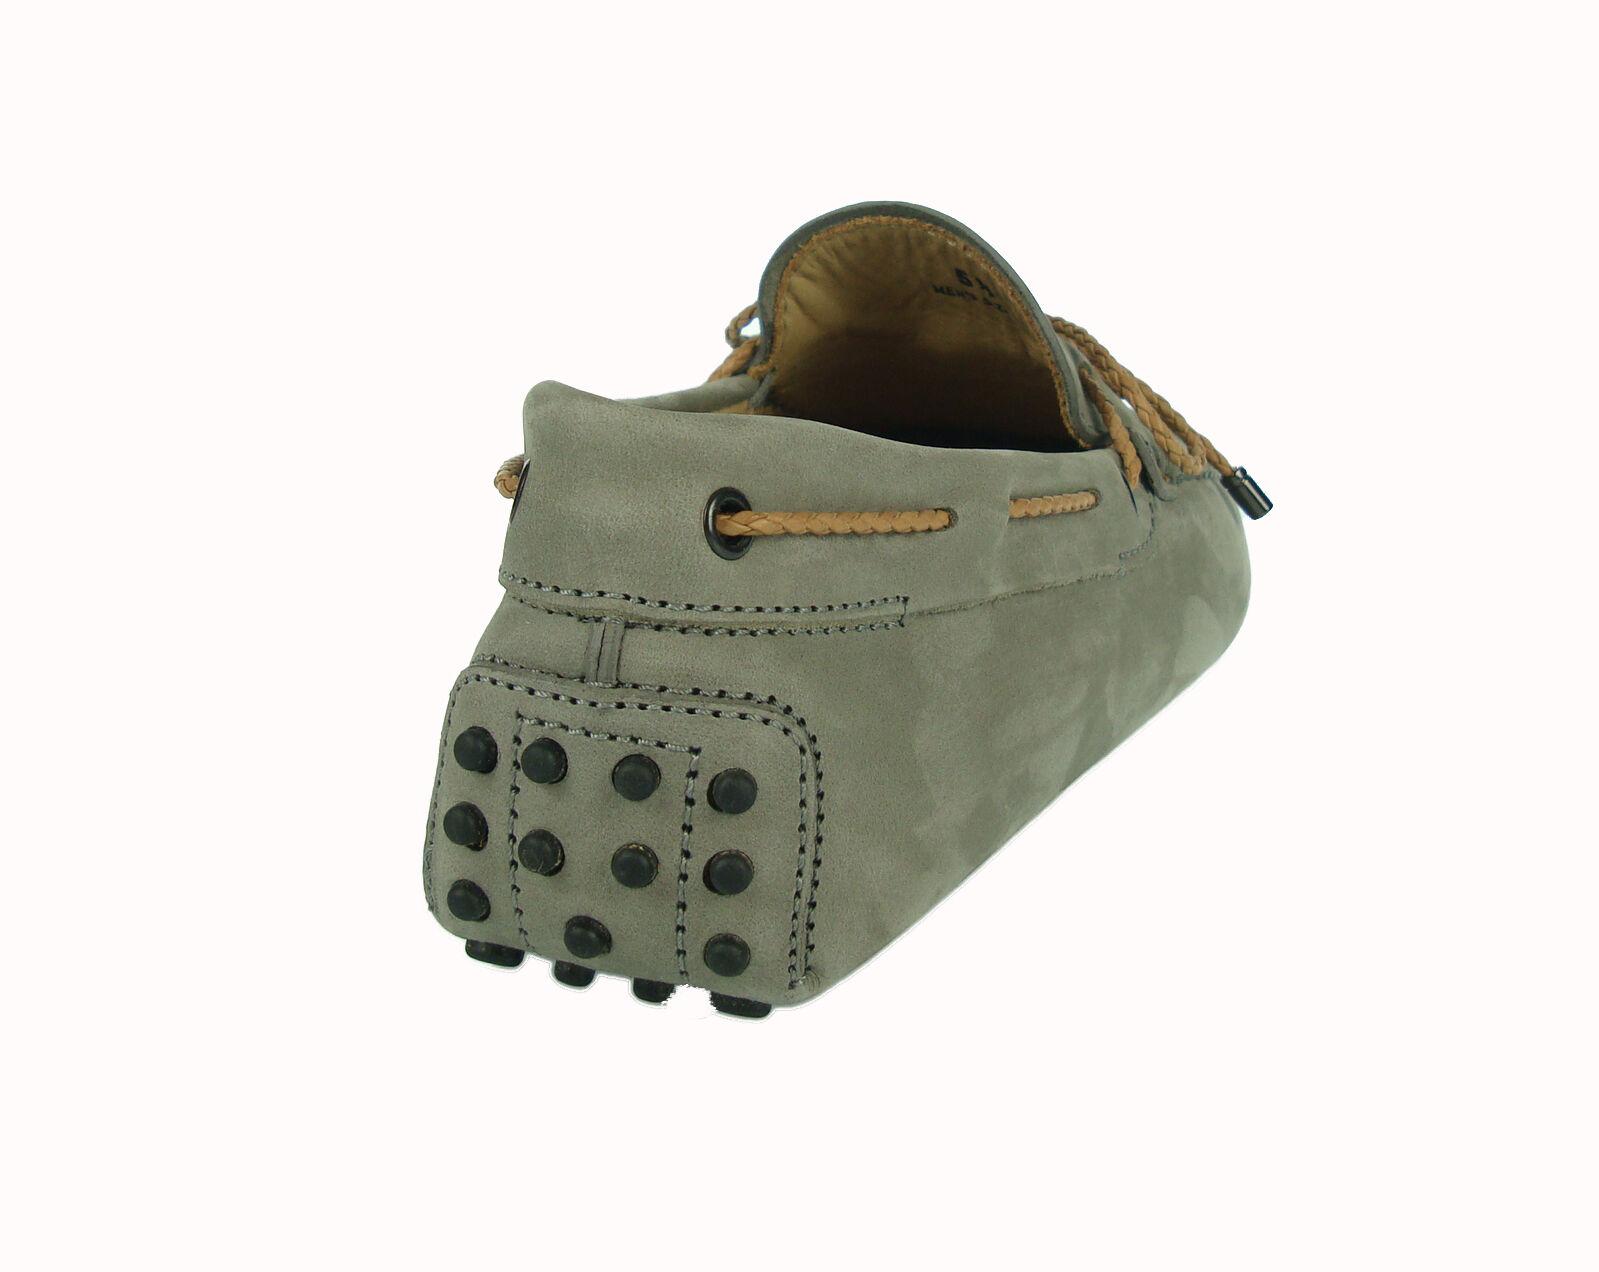 Tod's Halbschuhe man mann Schuhe loafers Herrenschuhe man Halbschuhe 100% aut.PS6 74c461